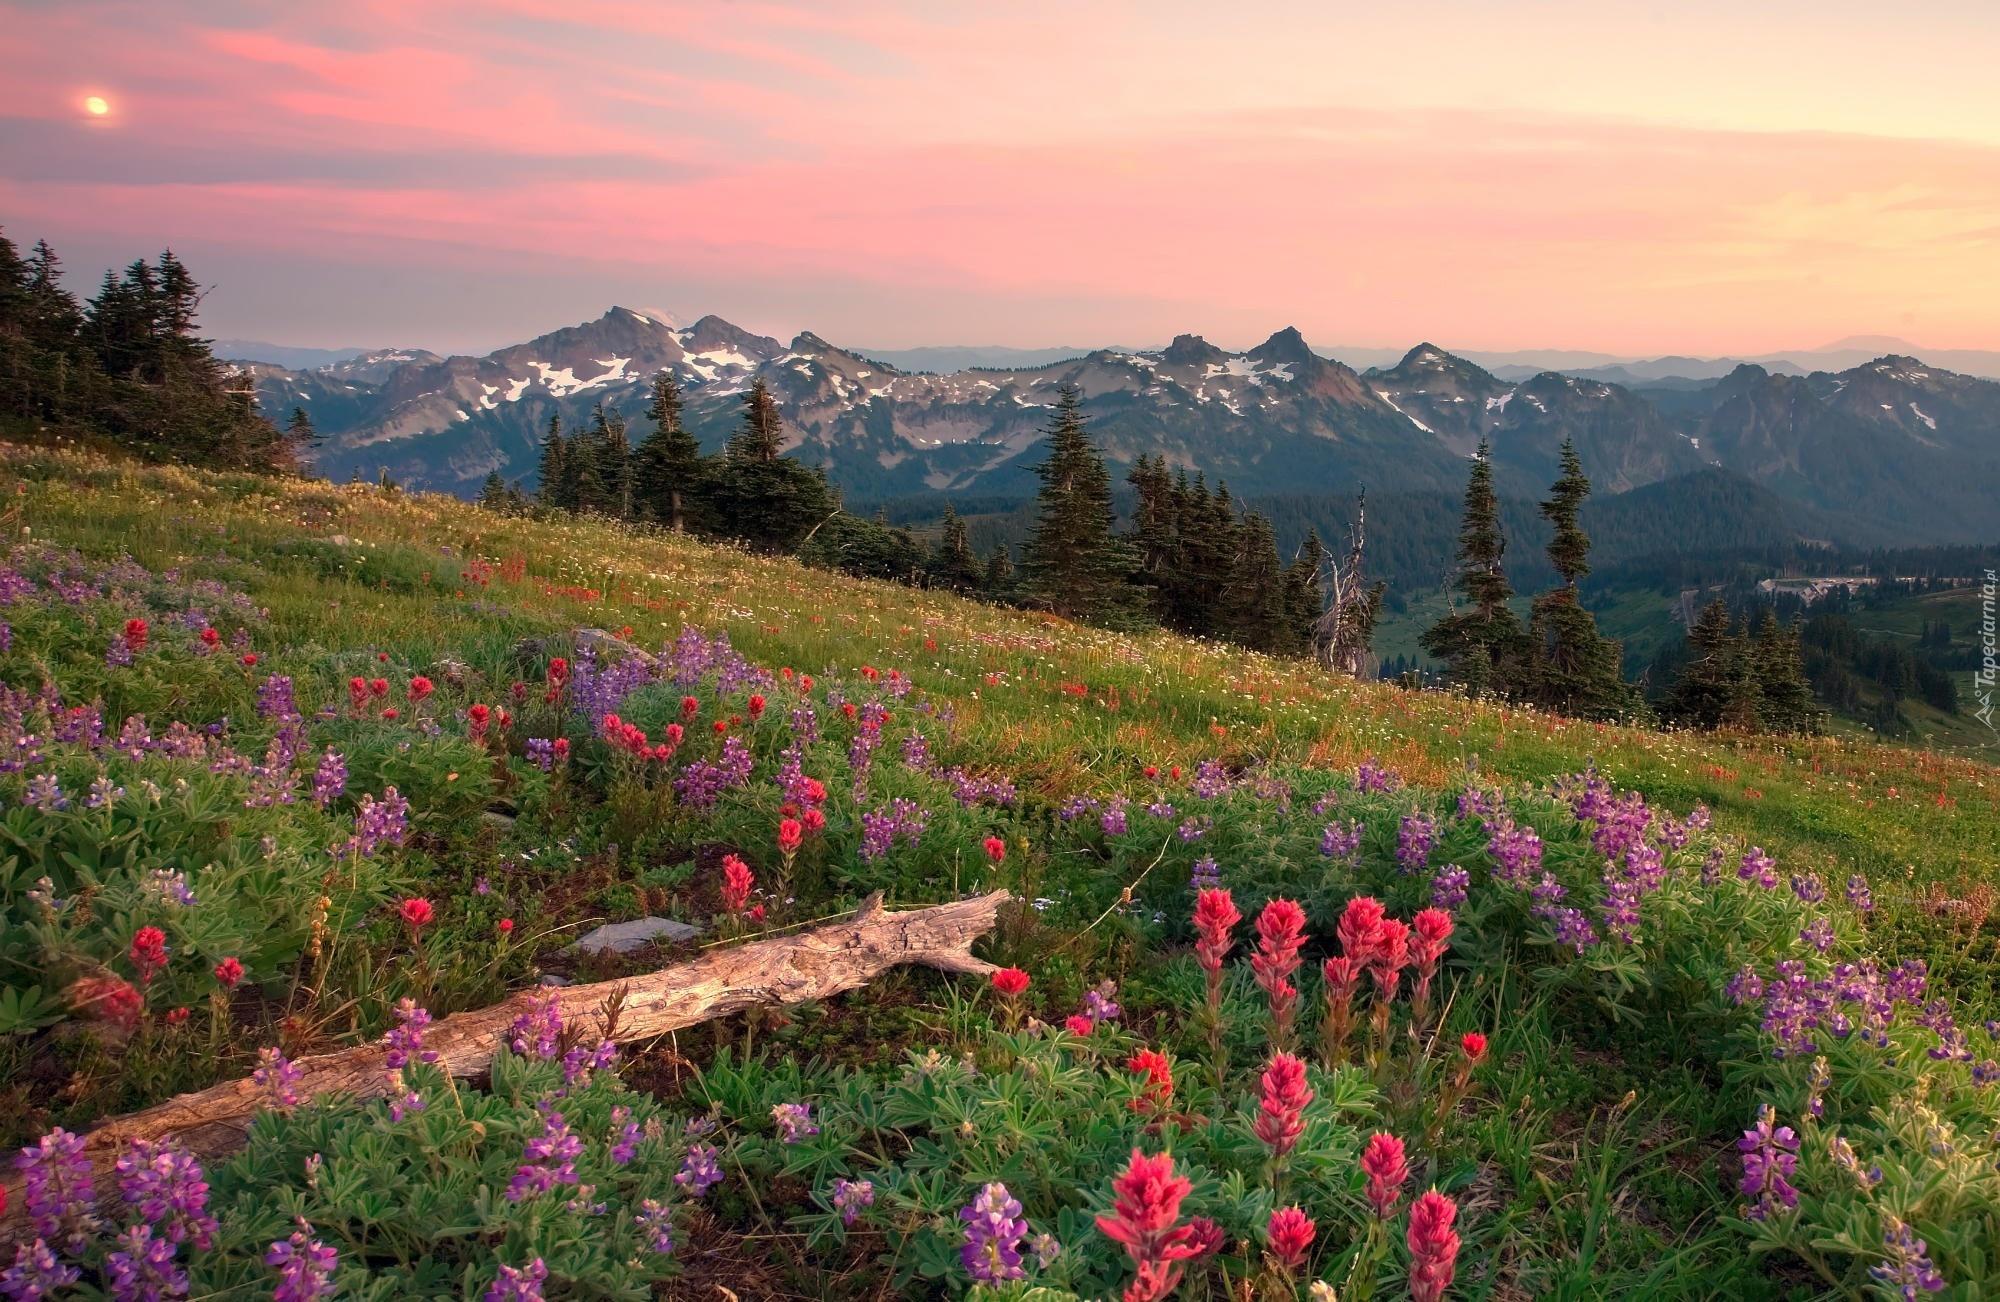 цветочная поляна ели горы бесплатно